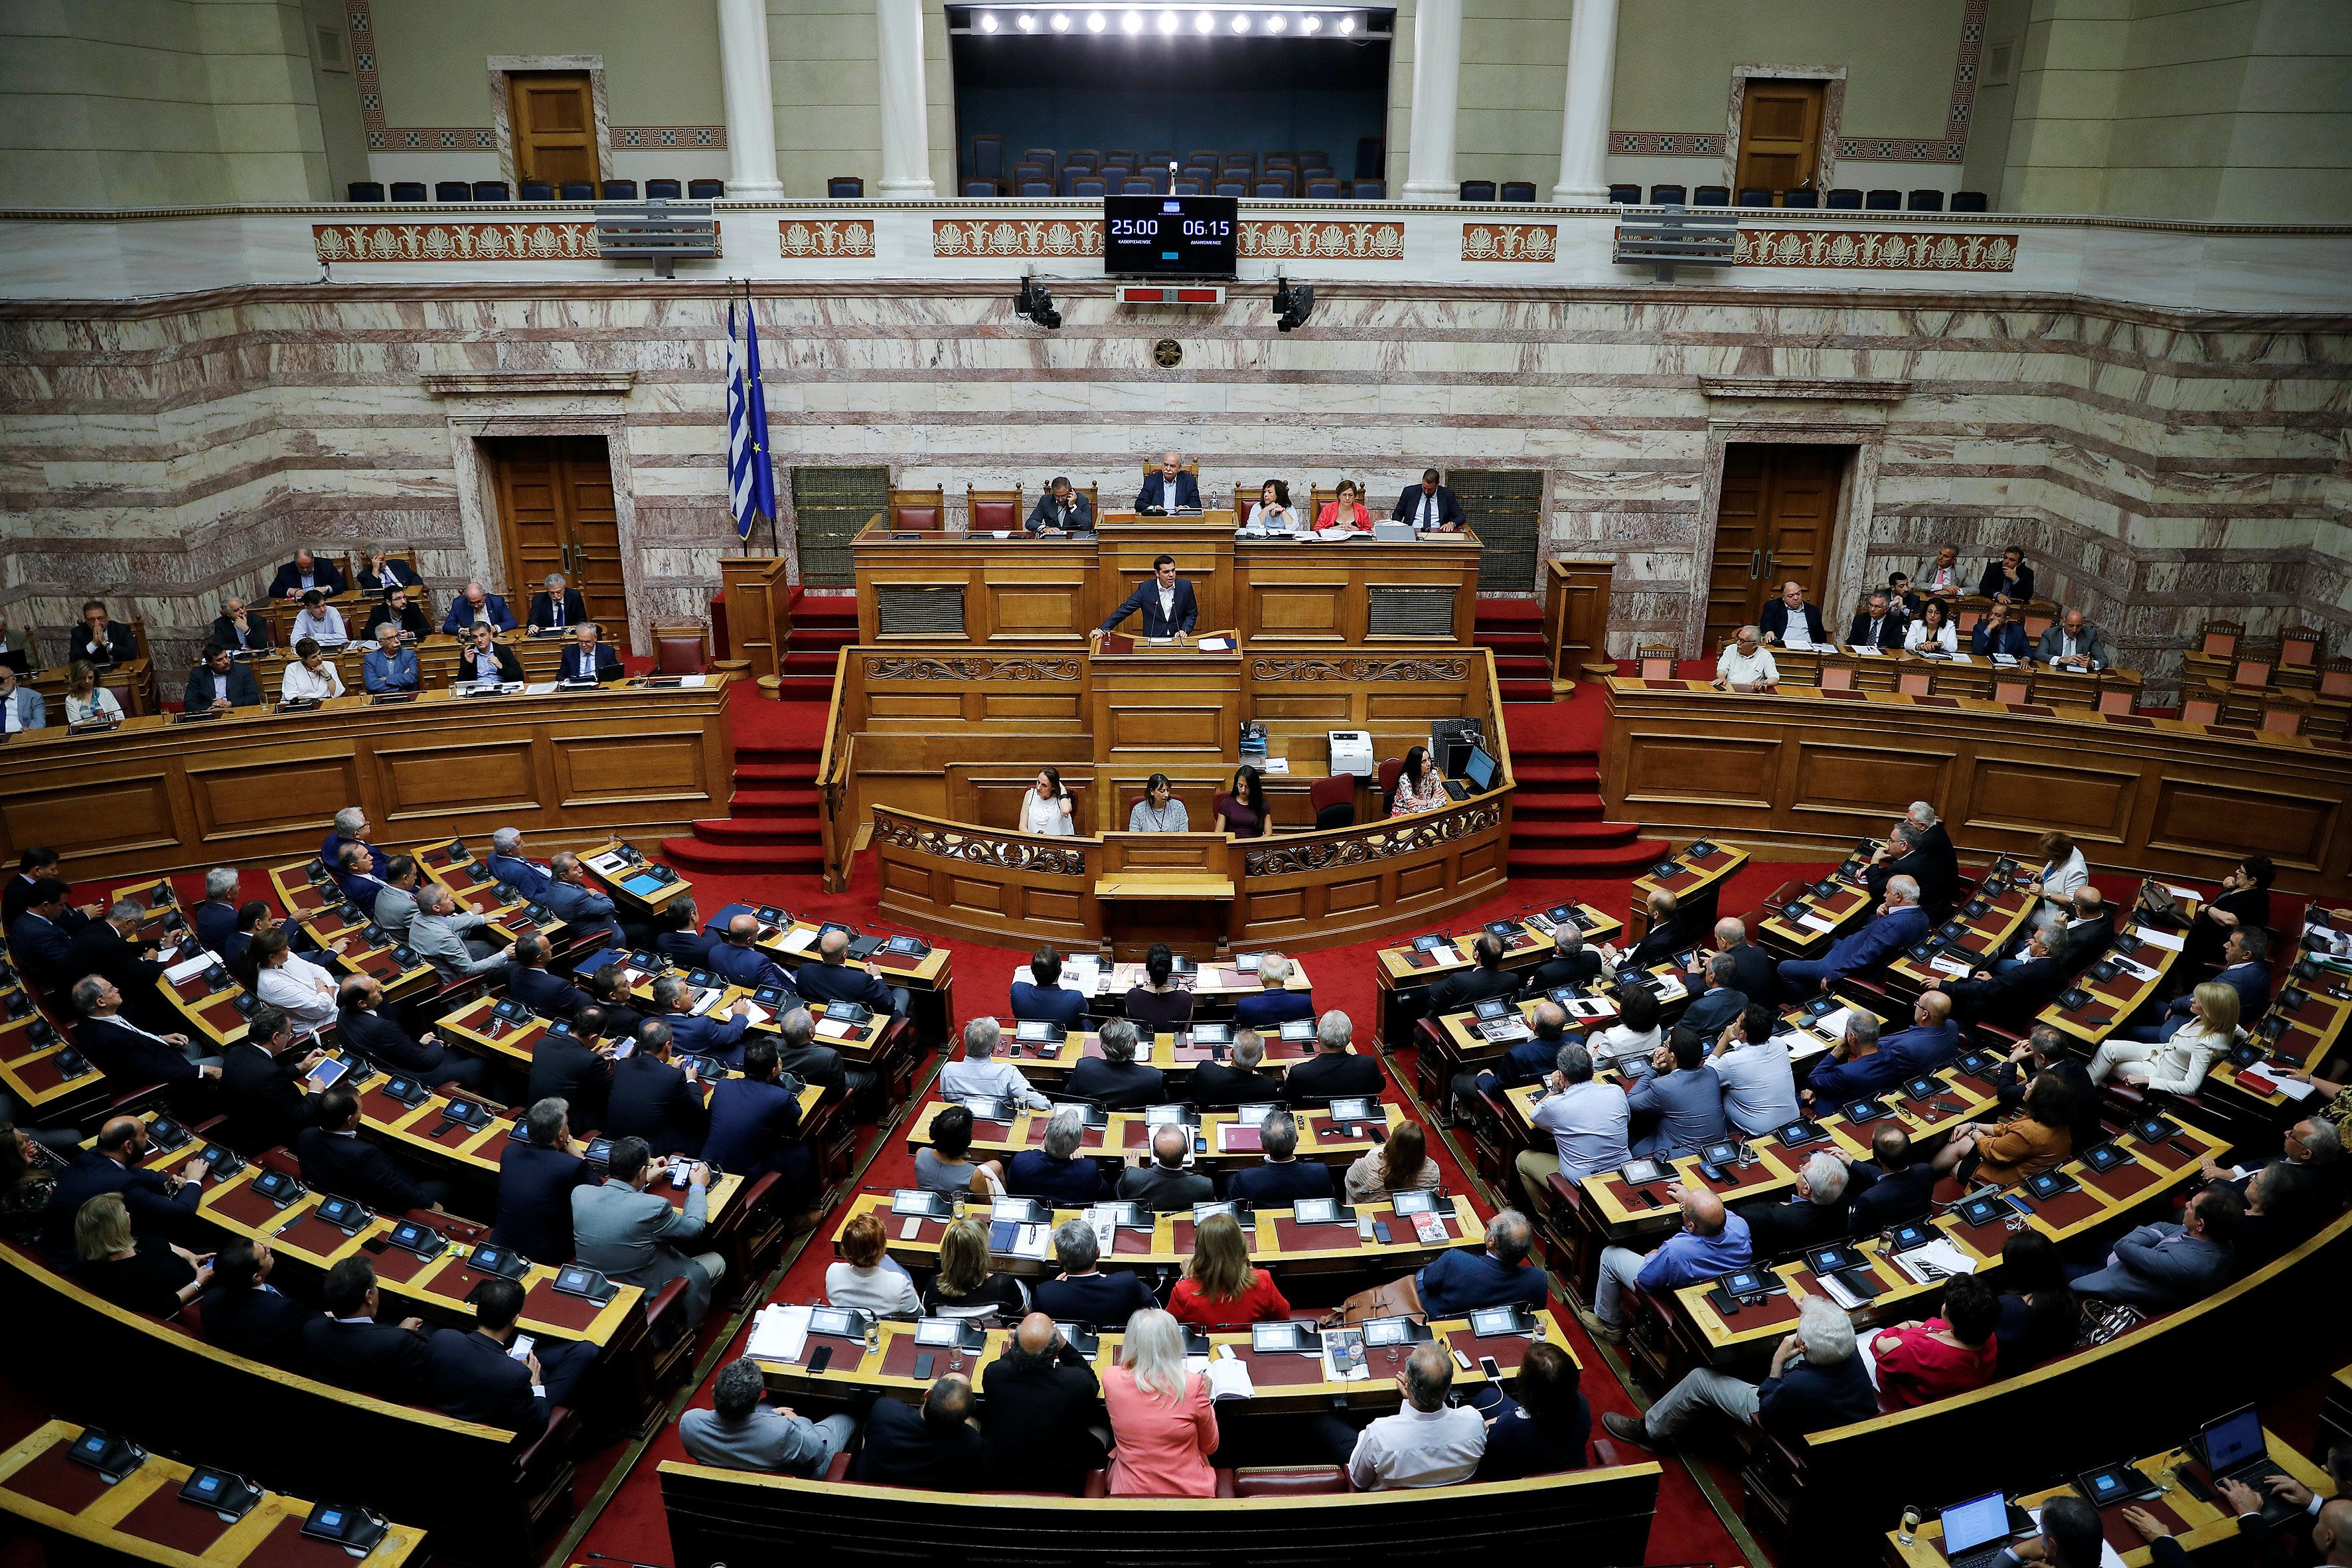 Στη Ολομέλεια συζητείται το νομοσχέδιο για την αδήλωτη εργασία. Αντιπαράθεση κυβέρνησης με αντιπολίτευση και για τις